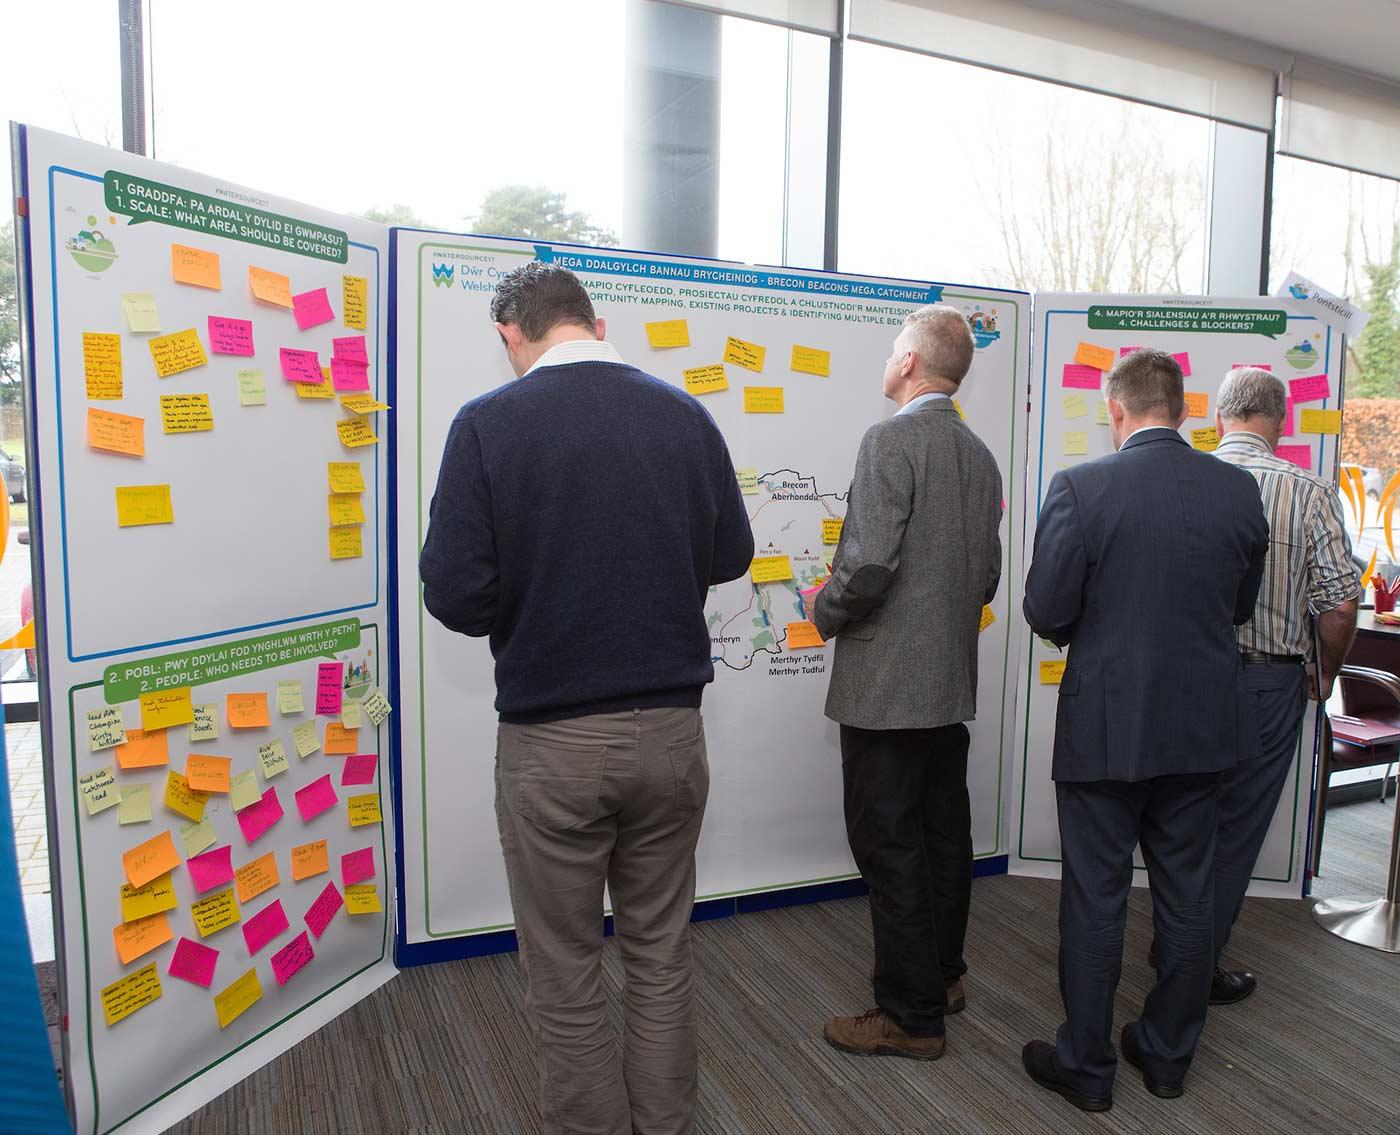 dwr cymru conference 1